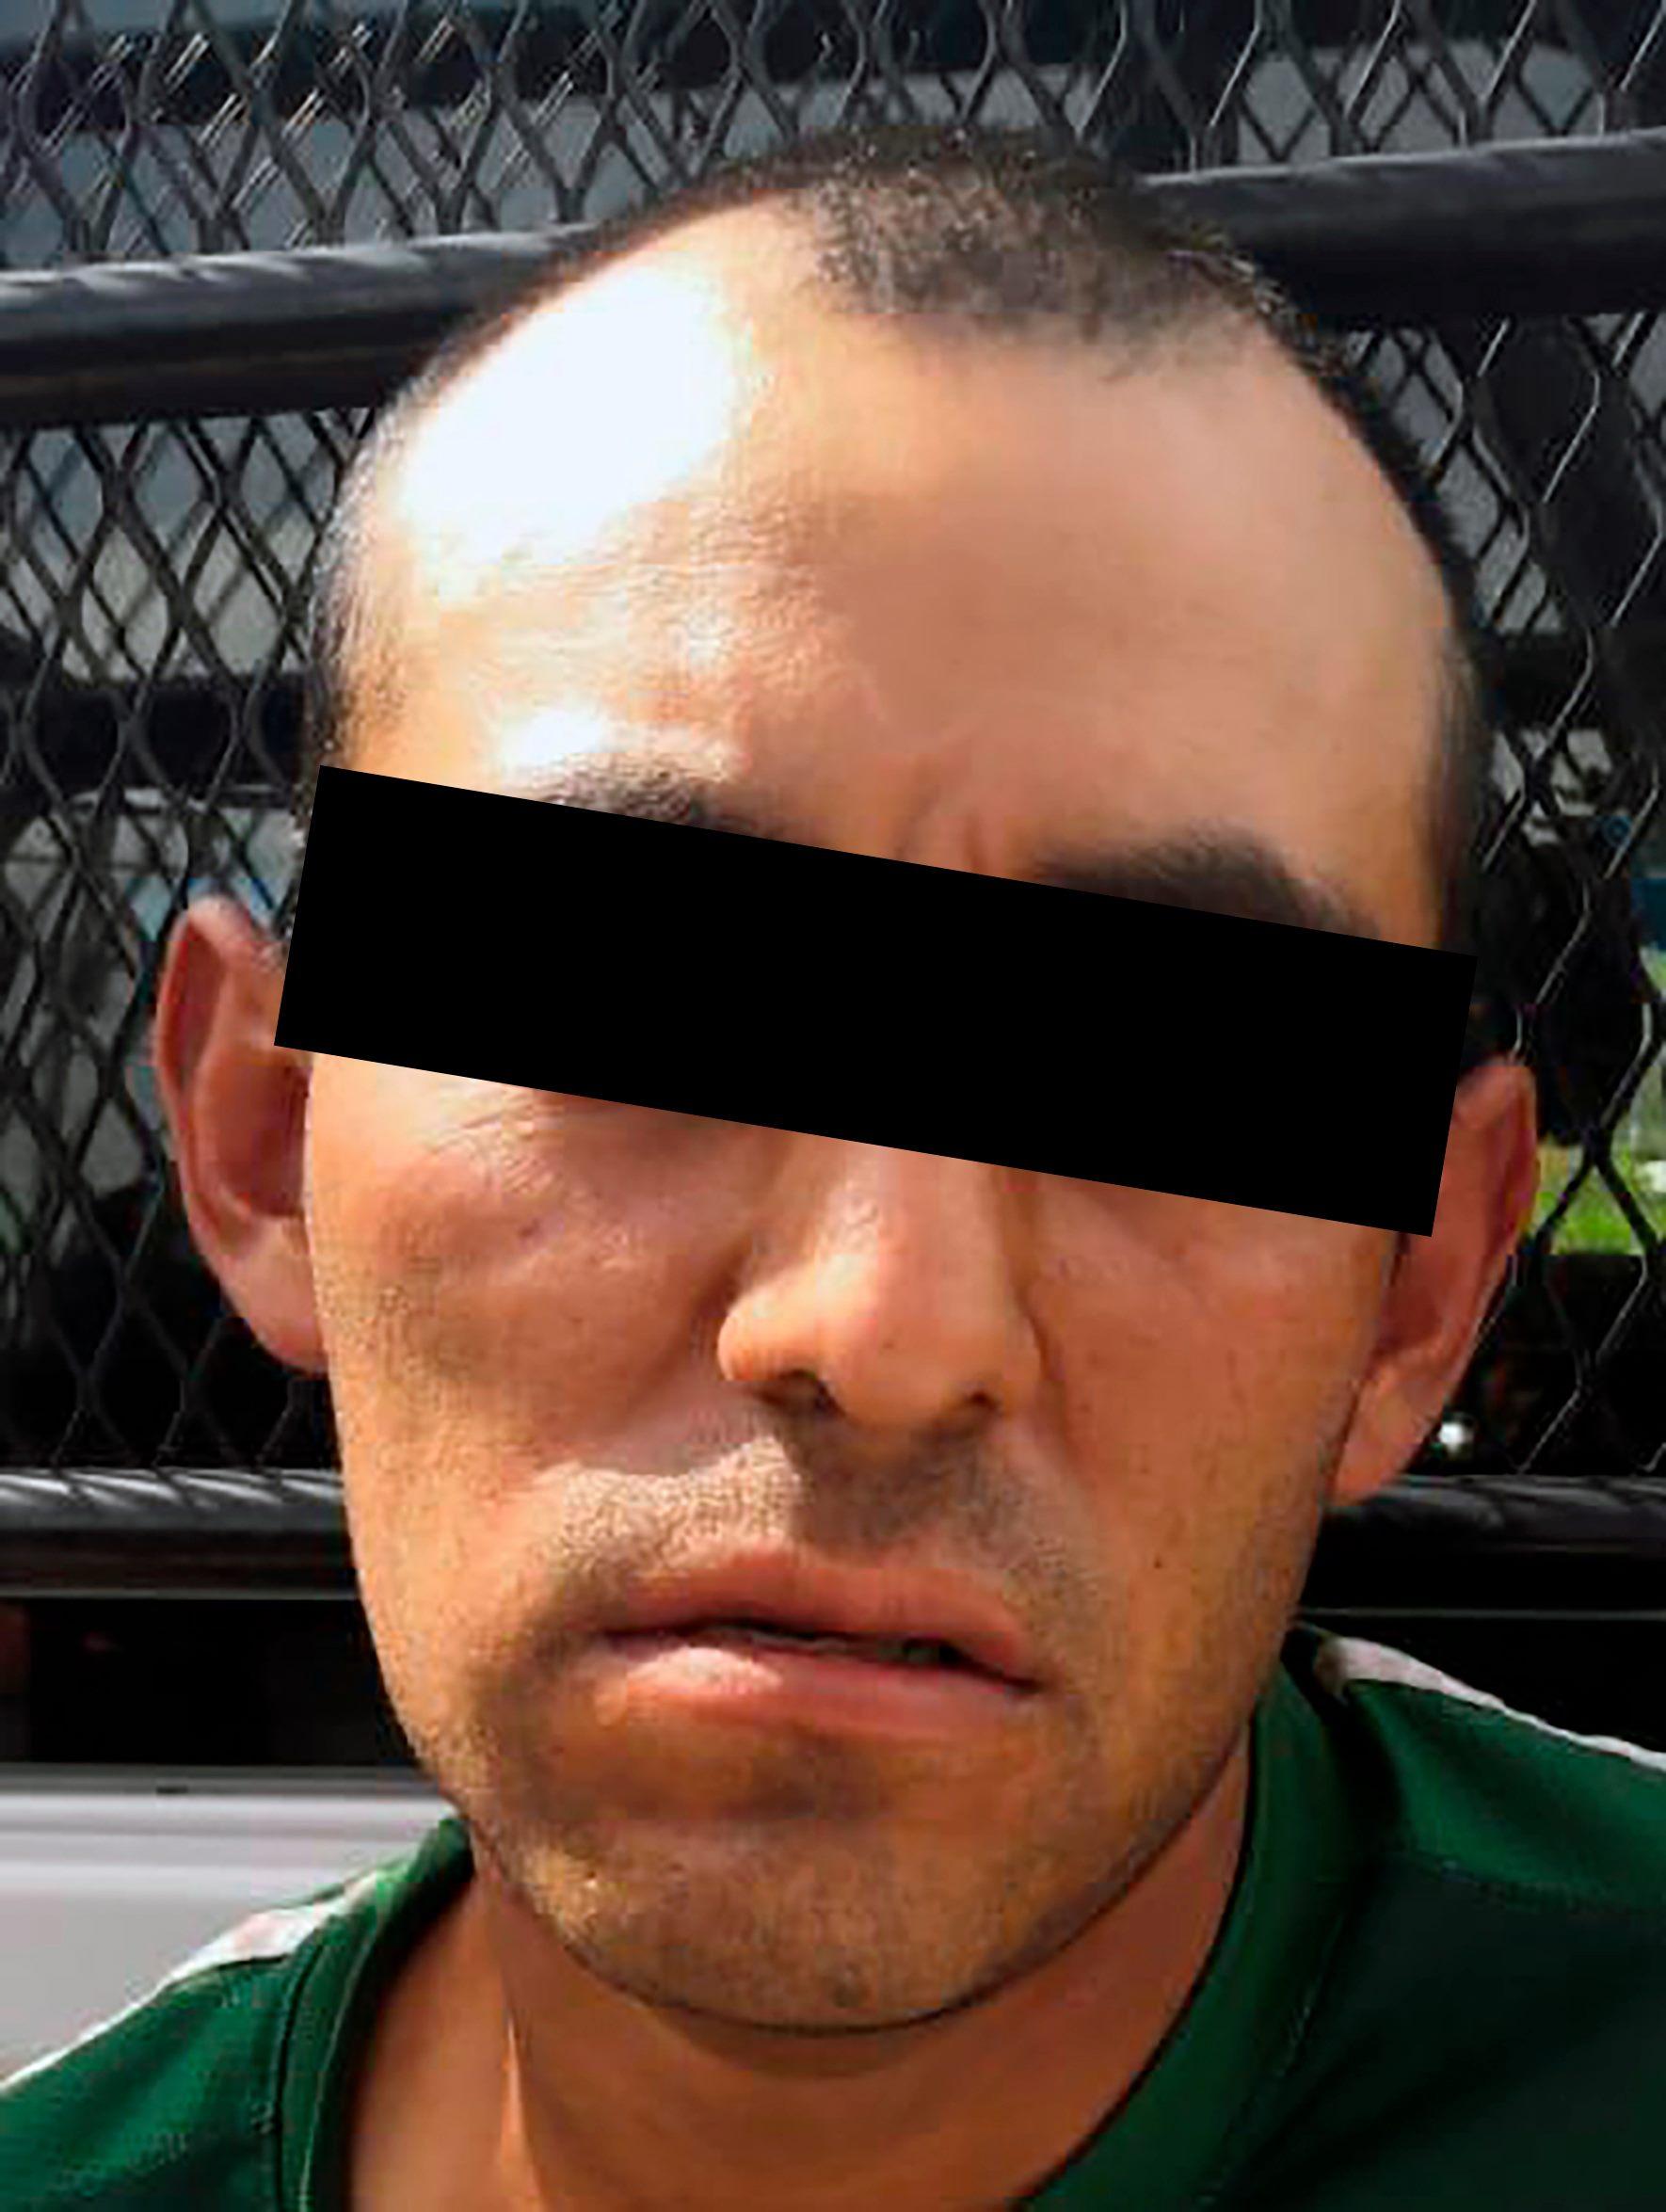 La SSC detiene a una persona por el probable delito de robo de vehículo en Amaxac